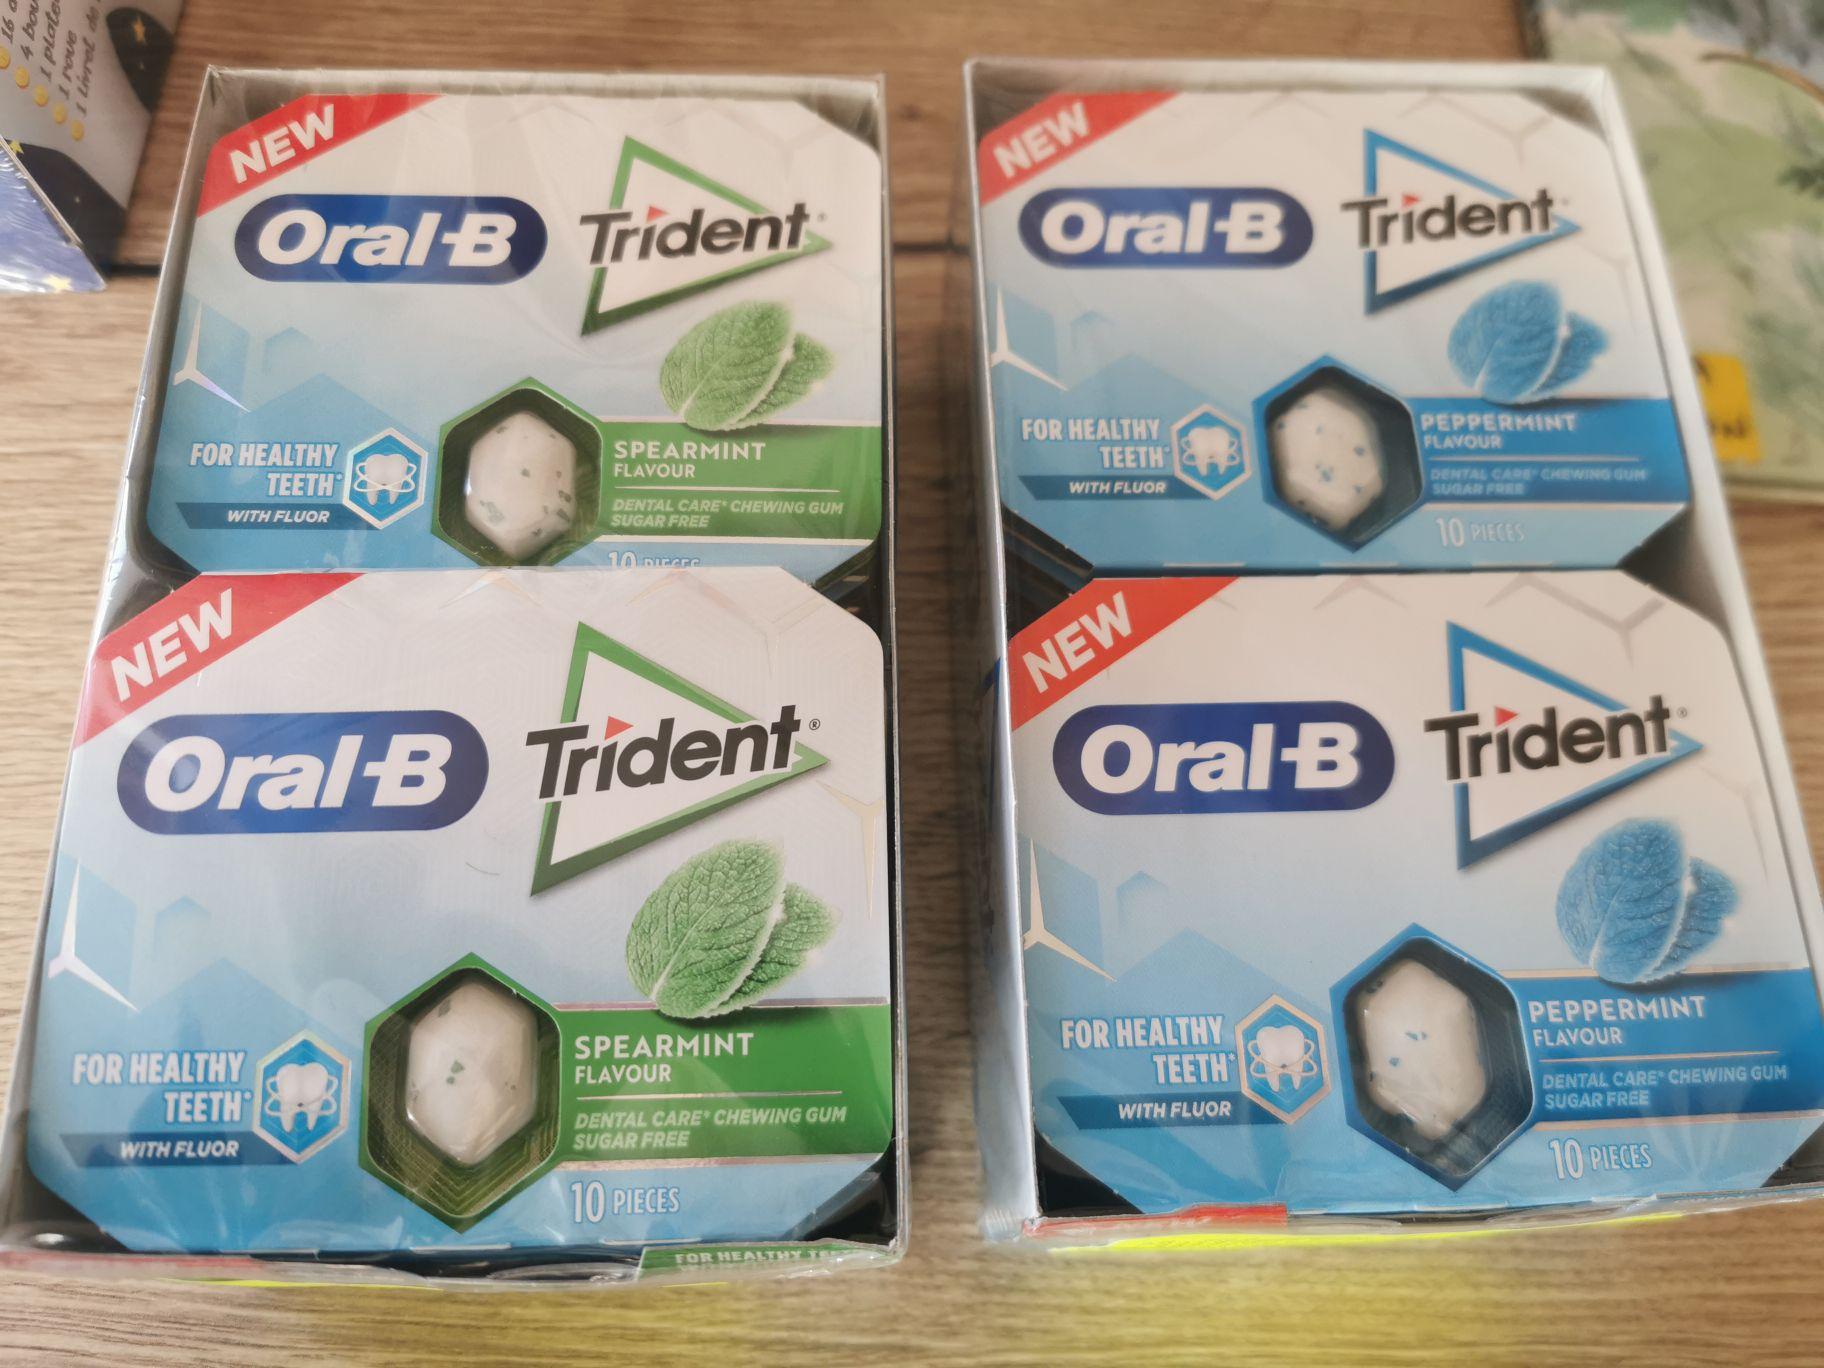 Lot de 12 paquets de chewing-gum Oral-B Trident (12 x 17g) - Meximieux & Ambérieu en Bugey (01)